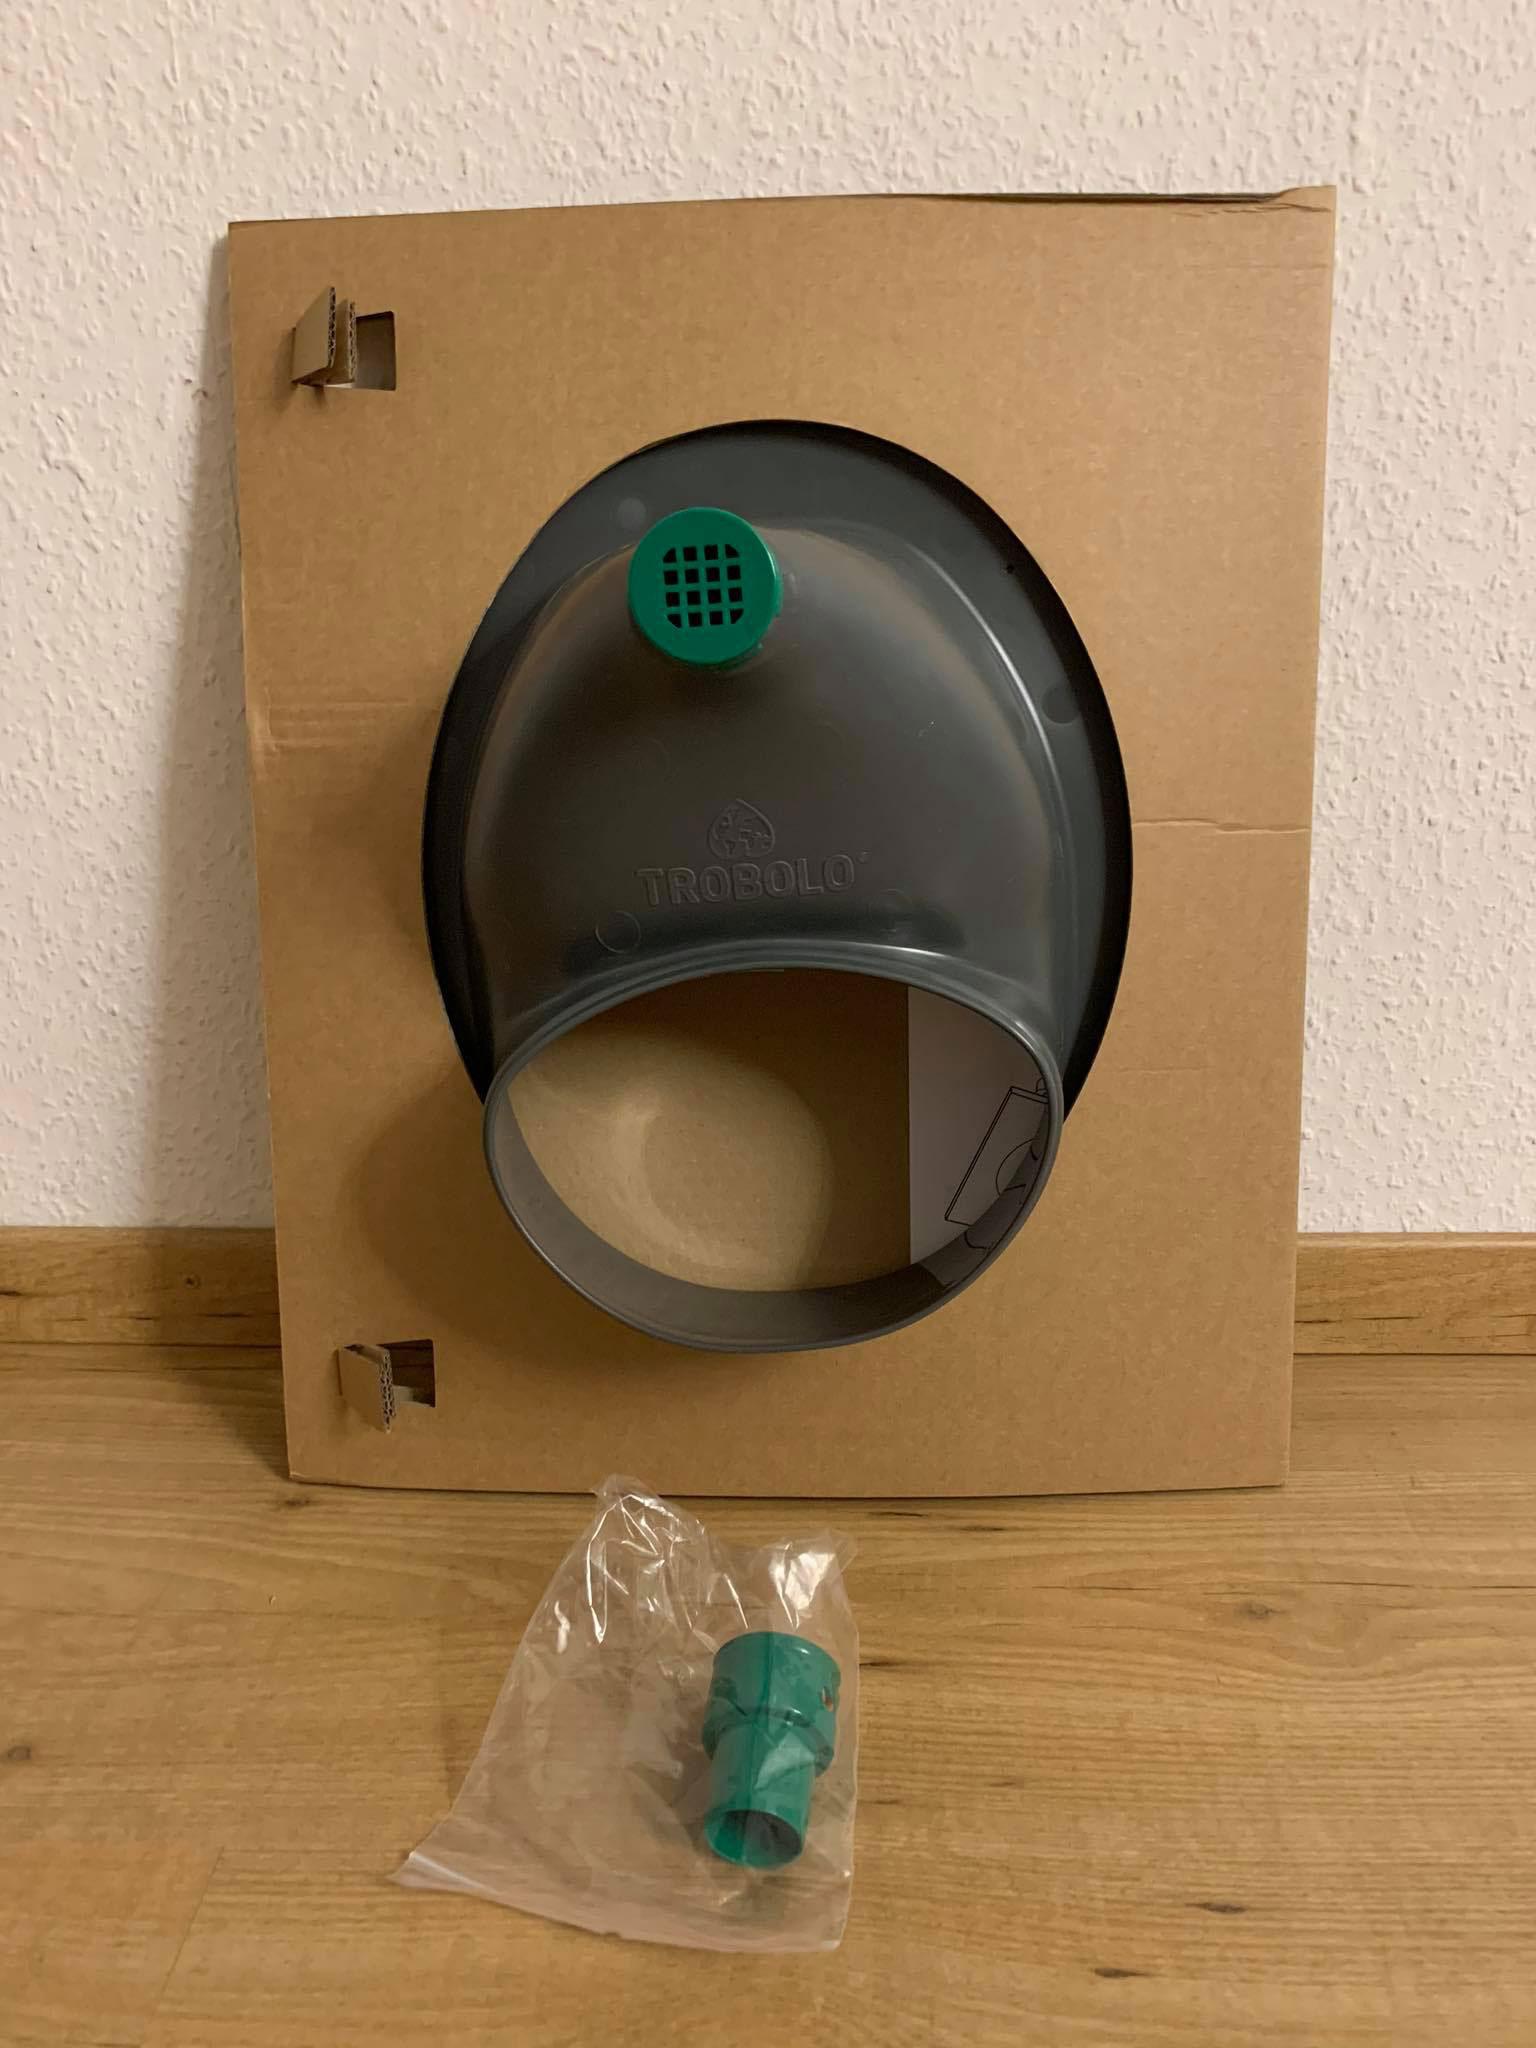 Trocken-Trenn-Toilette, Trocken-Trenn-Toilette selber bauen: Leichter als gedacht